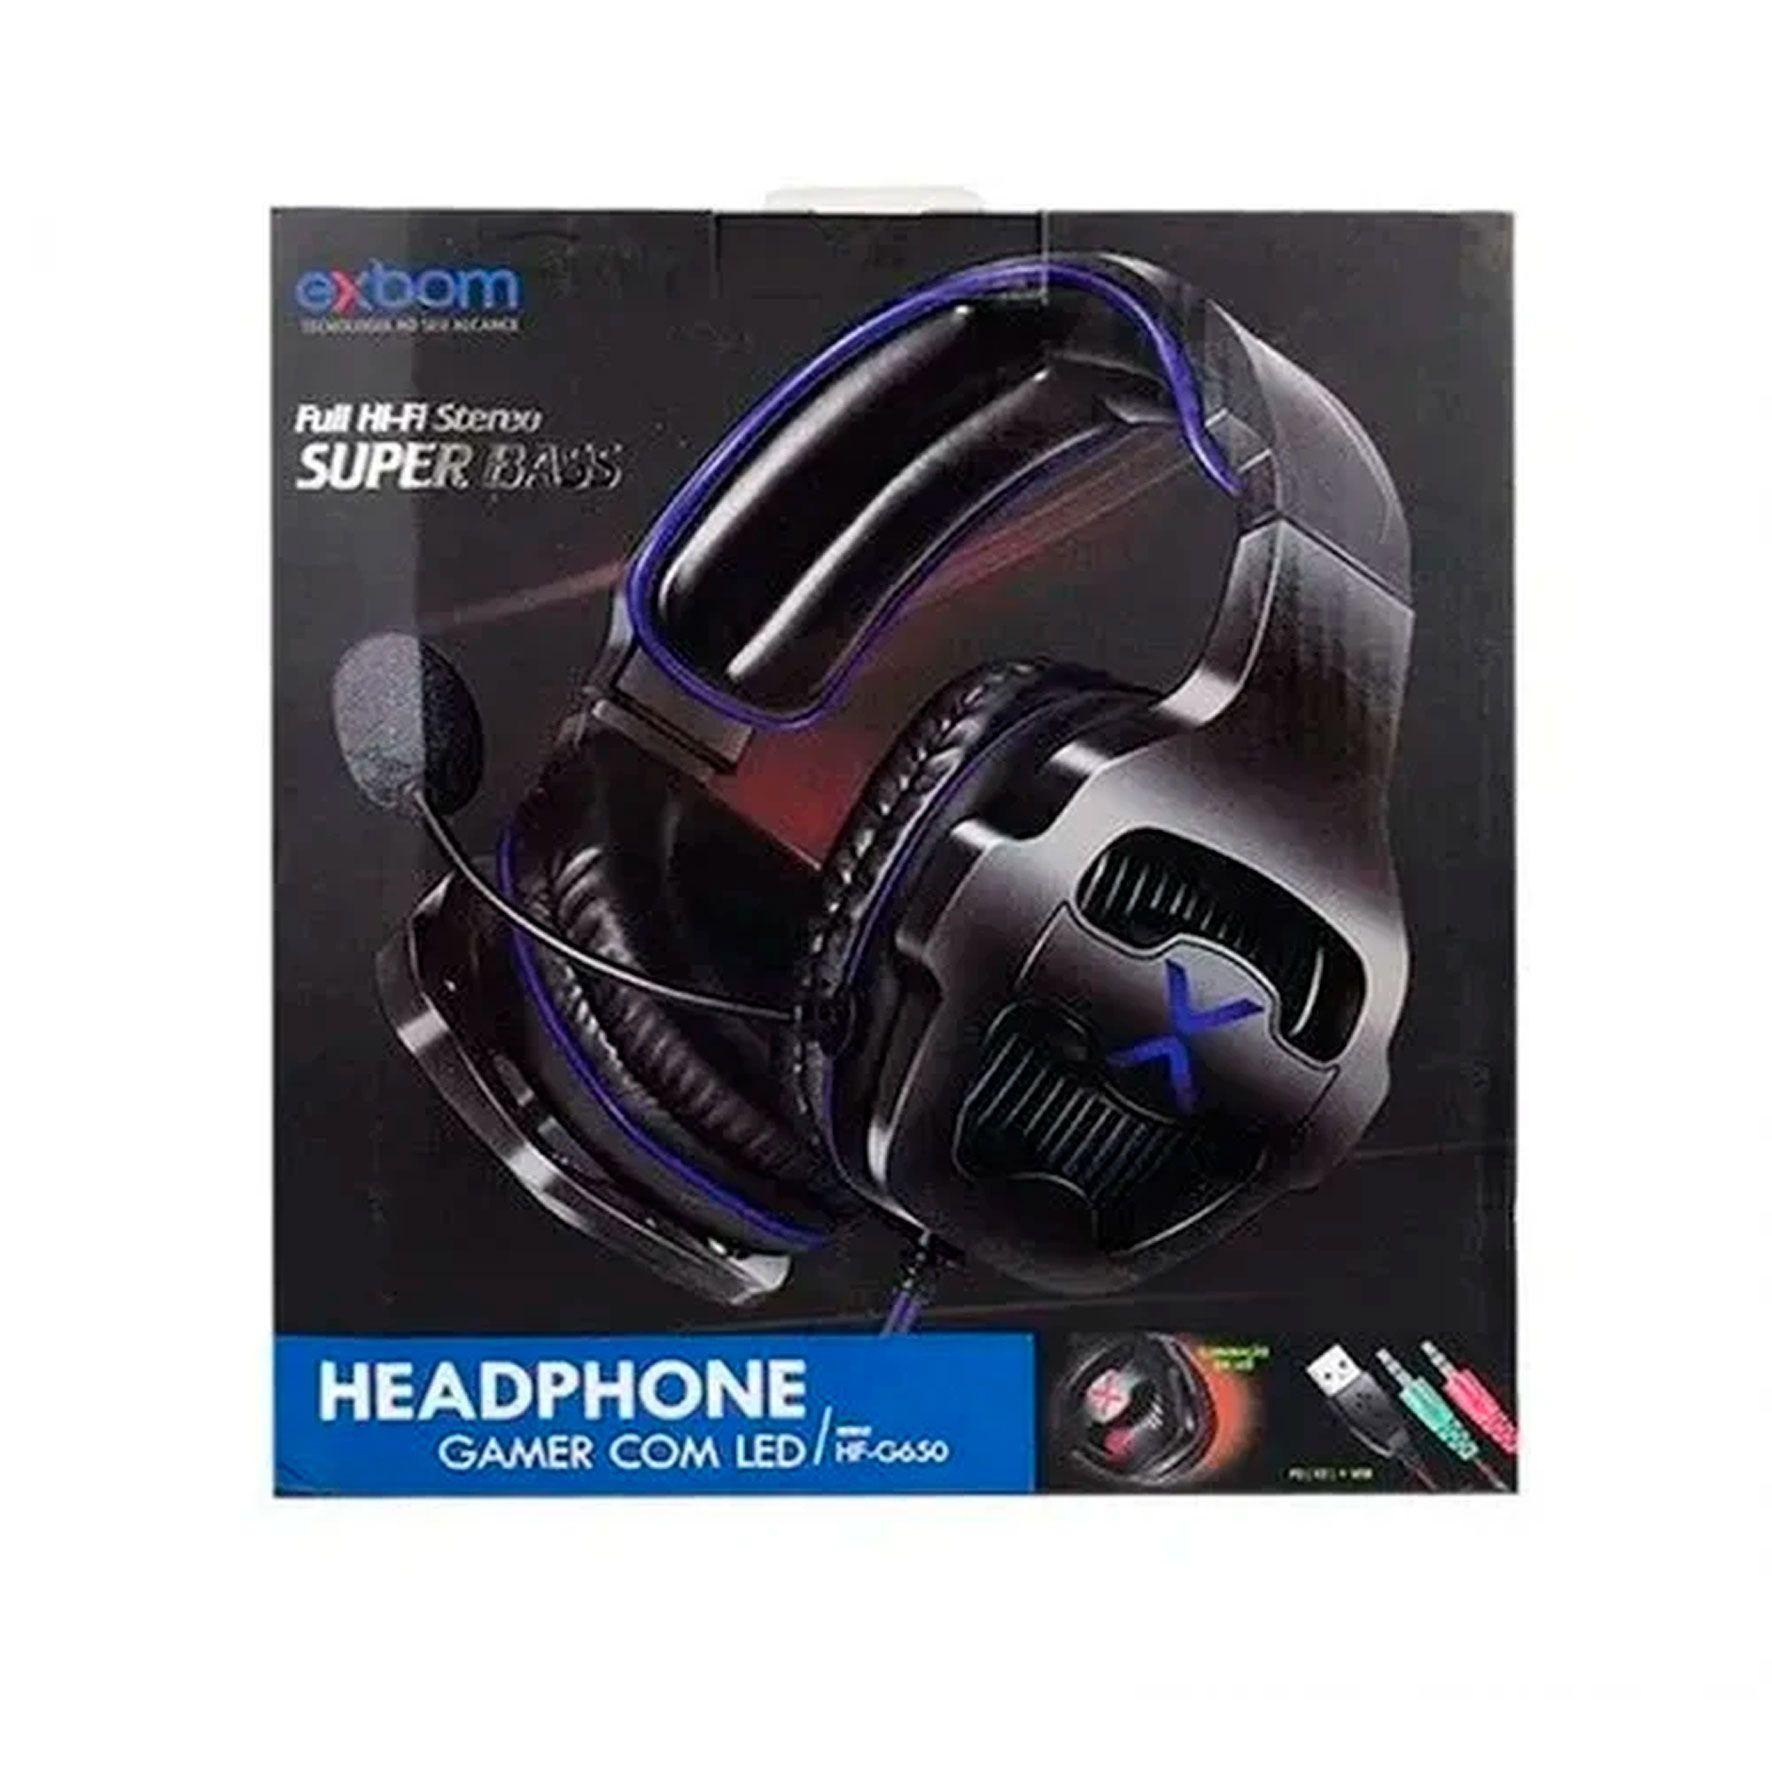 HEADPHONE GAMER COM LED HF-G650 EXBOM